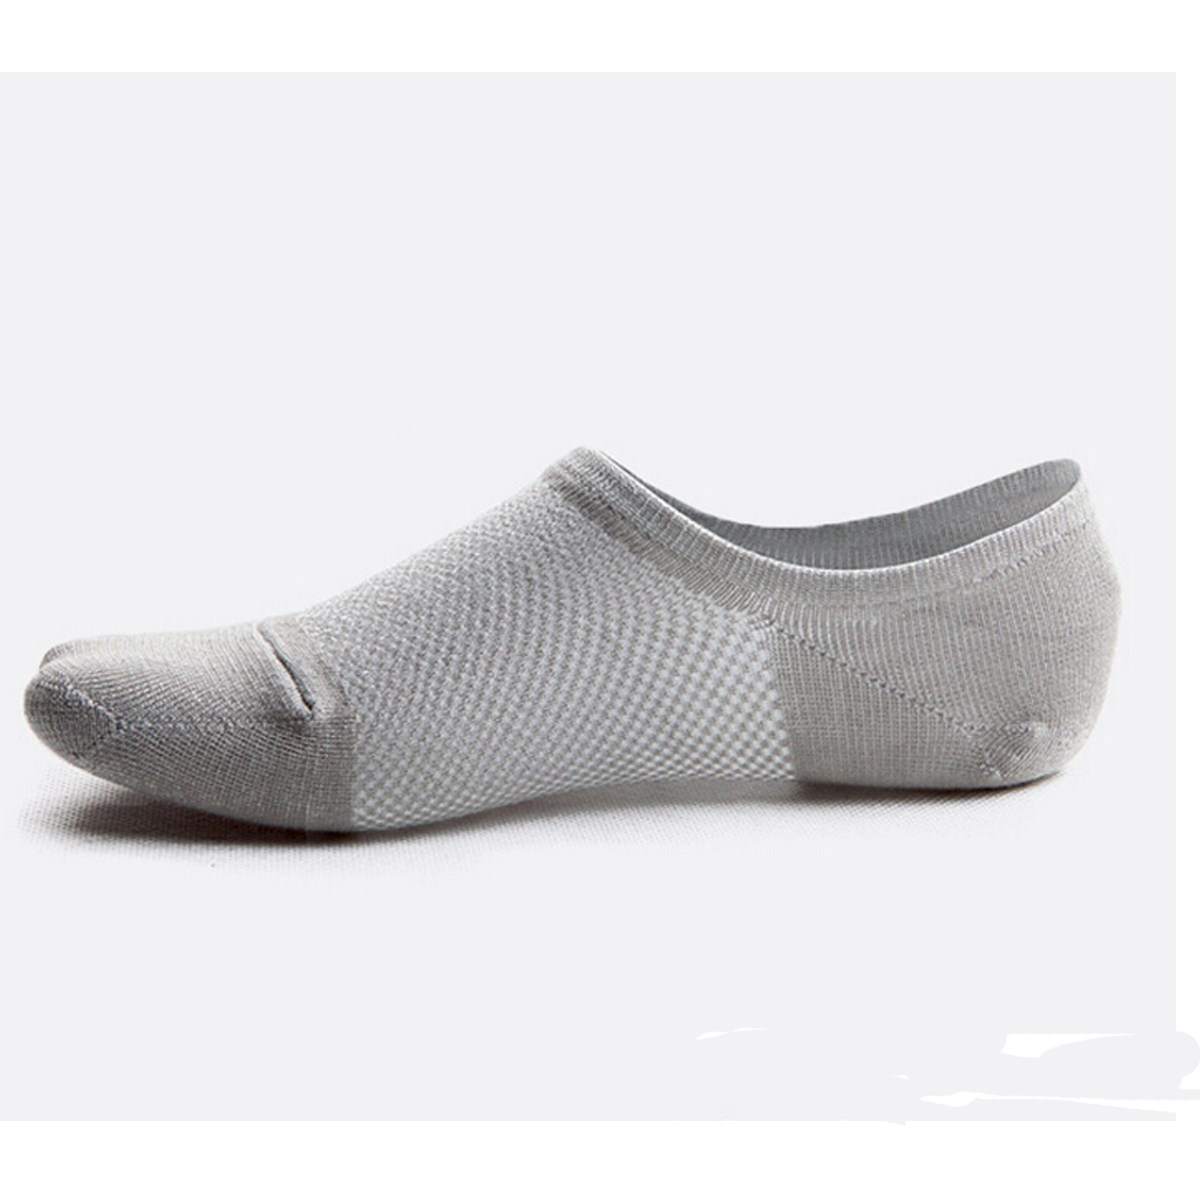 10 Kinds Style Casual Socks For Male Breathable Cotton Men Non Slip Short Bamboo Fiber Socks